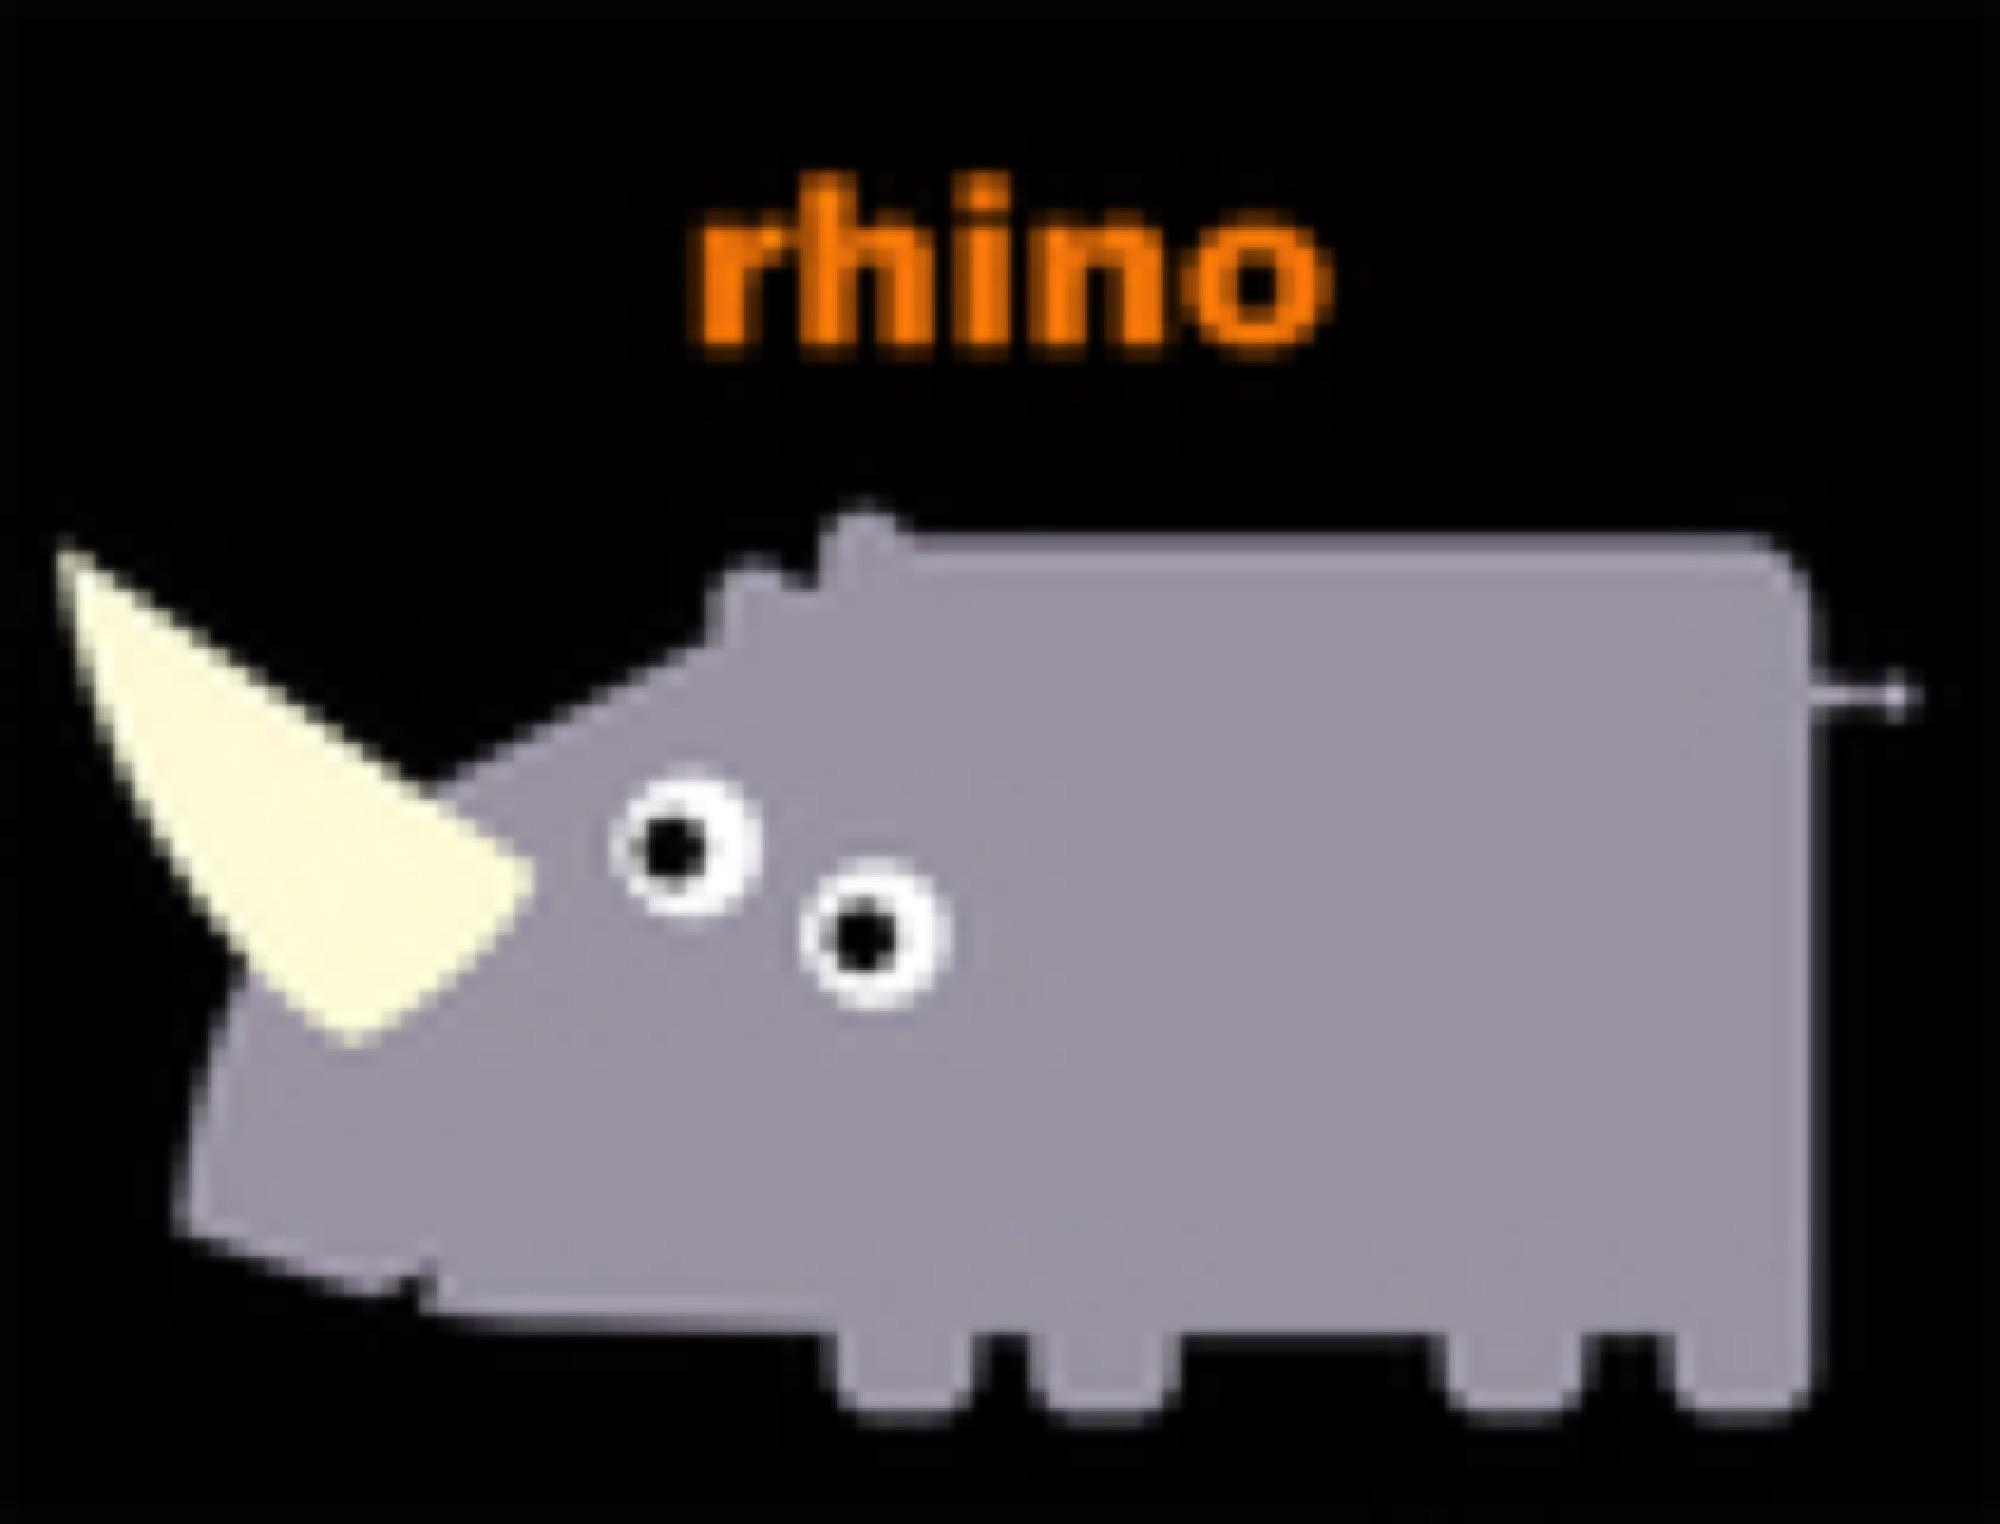 rhino 560p